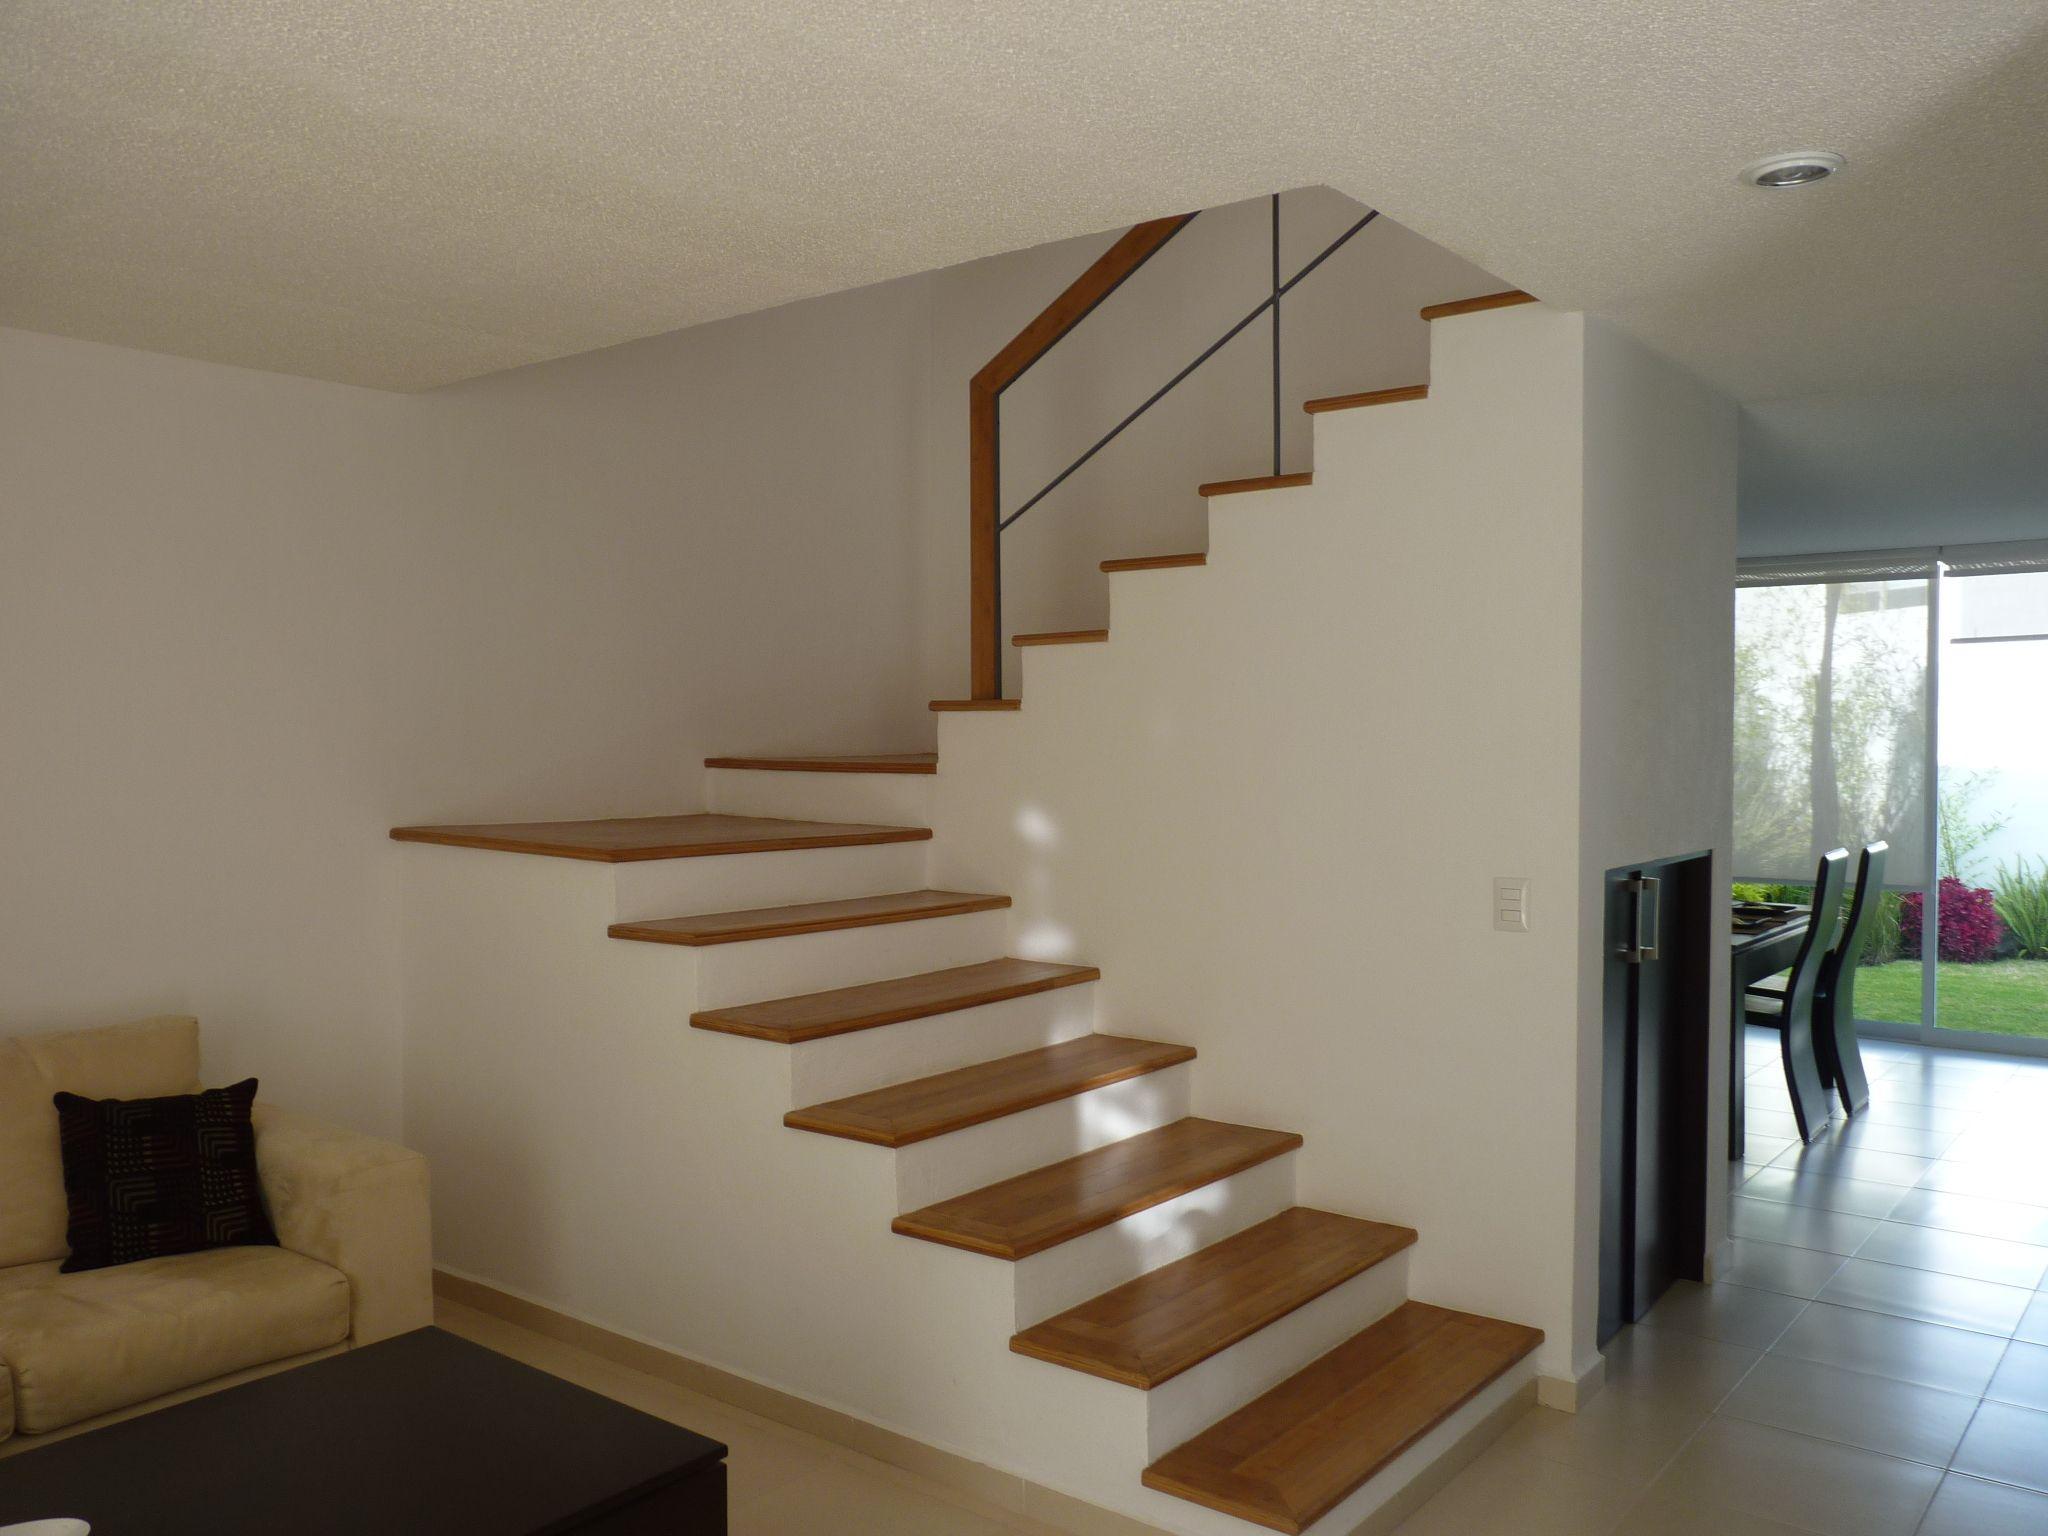 Casa minimalista en renta sta fe juriquilla 160 mts2 de for Escaleras en salas